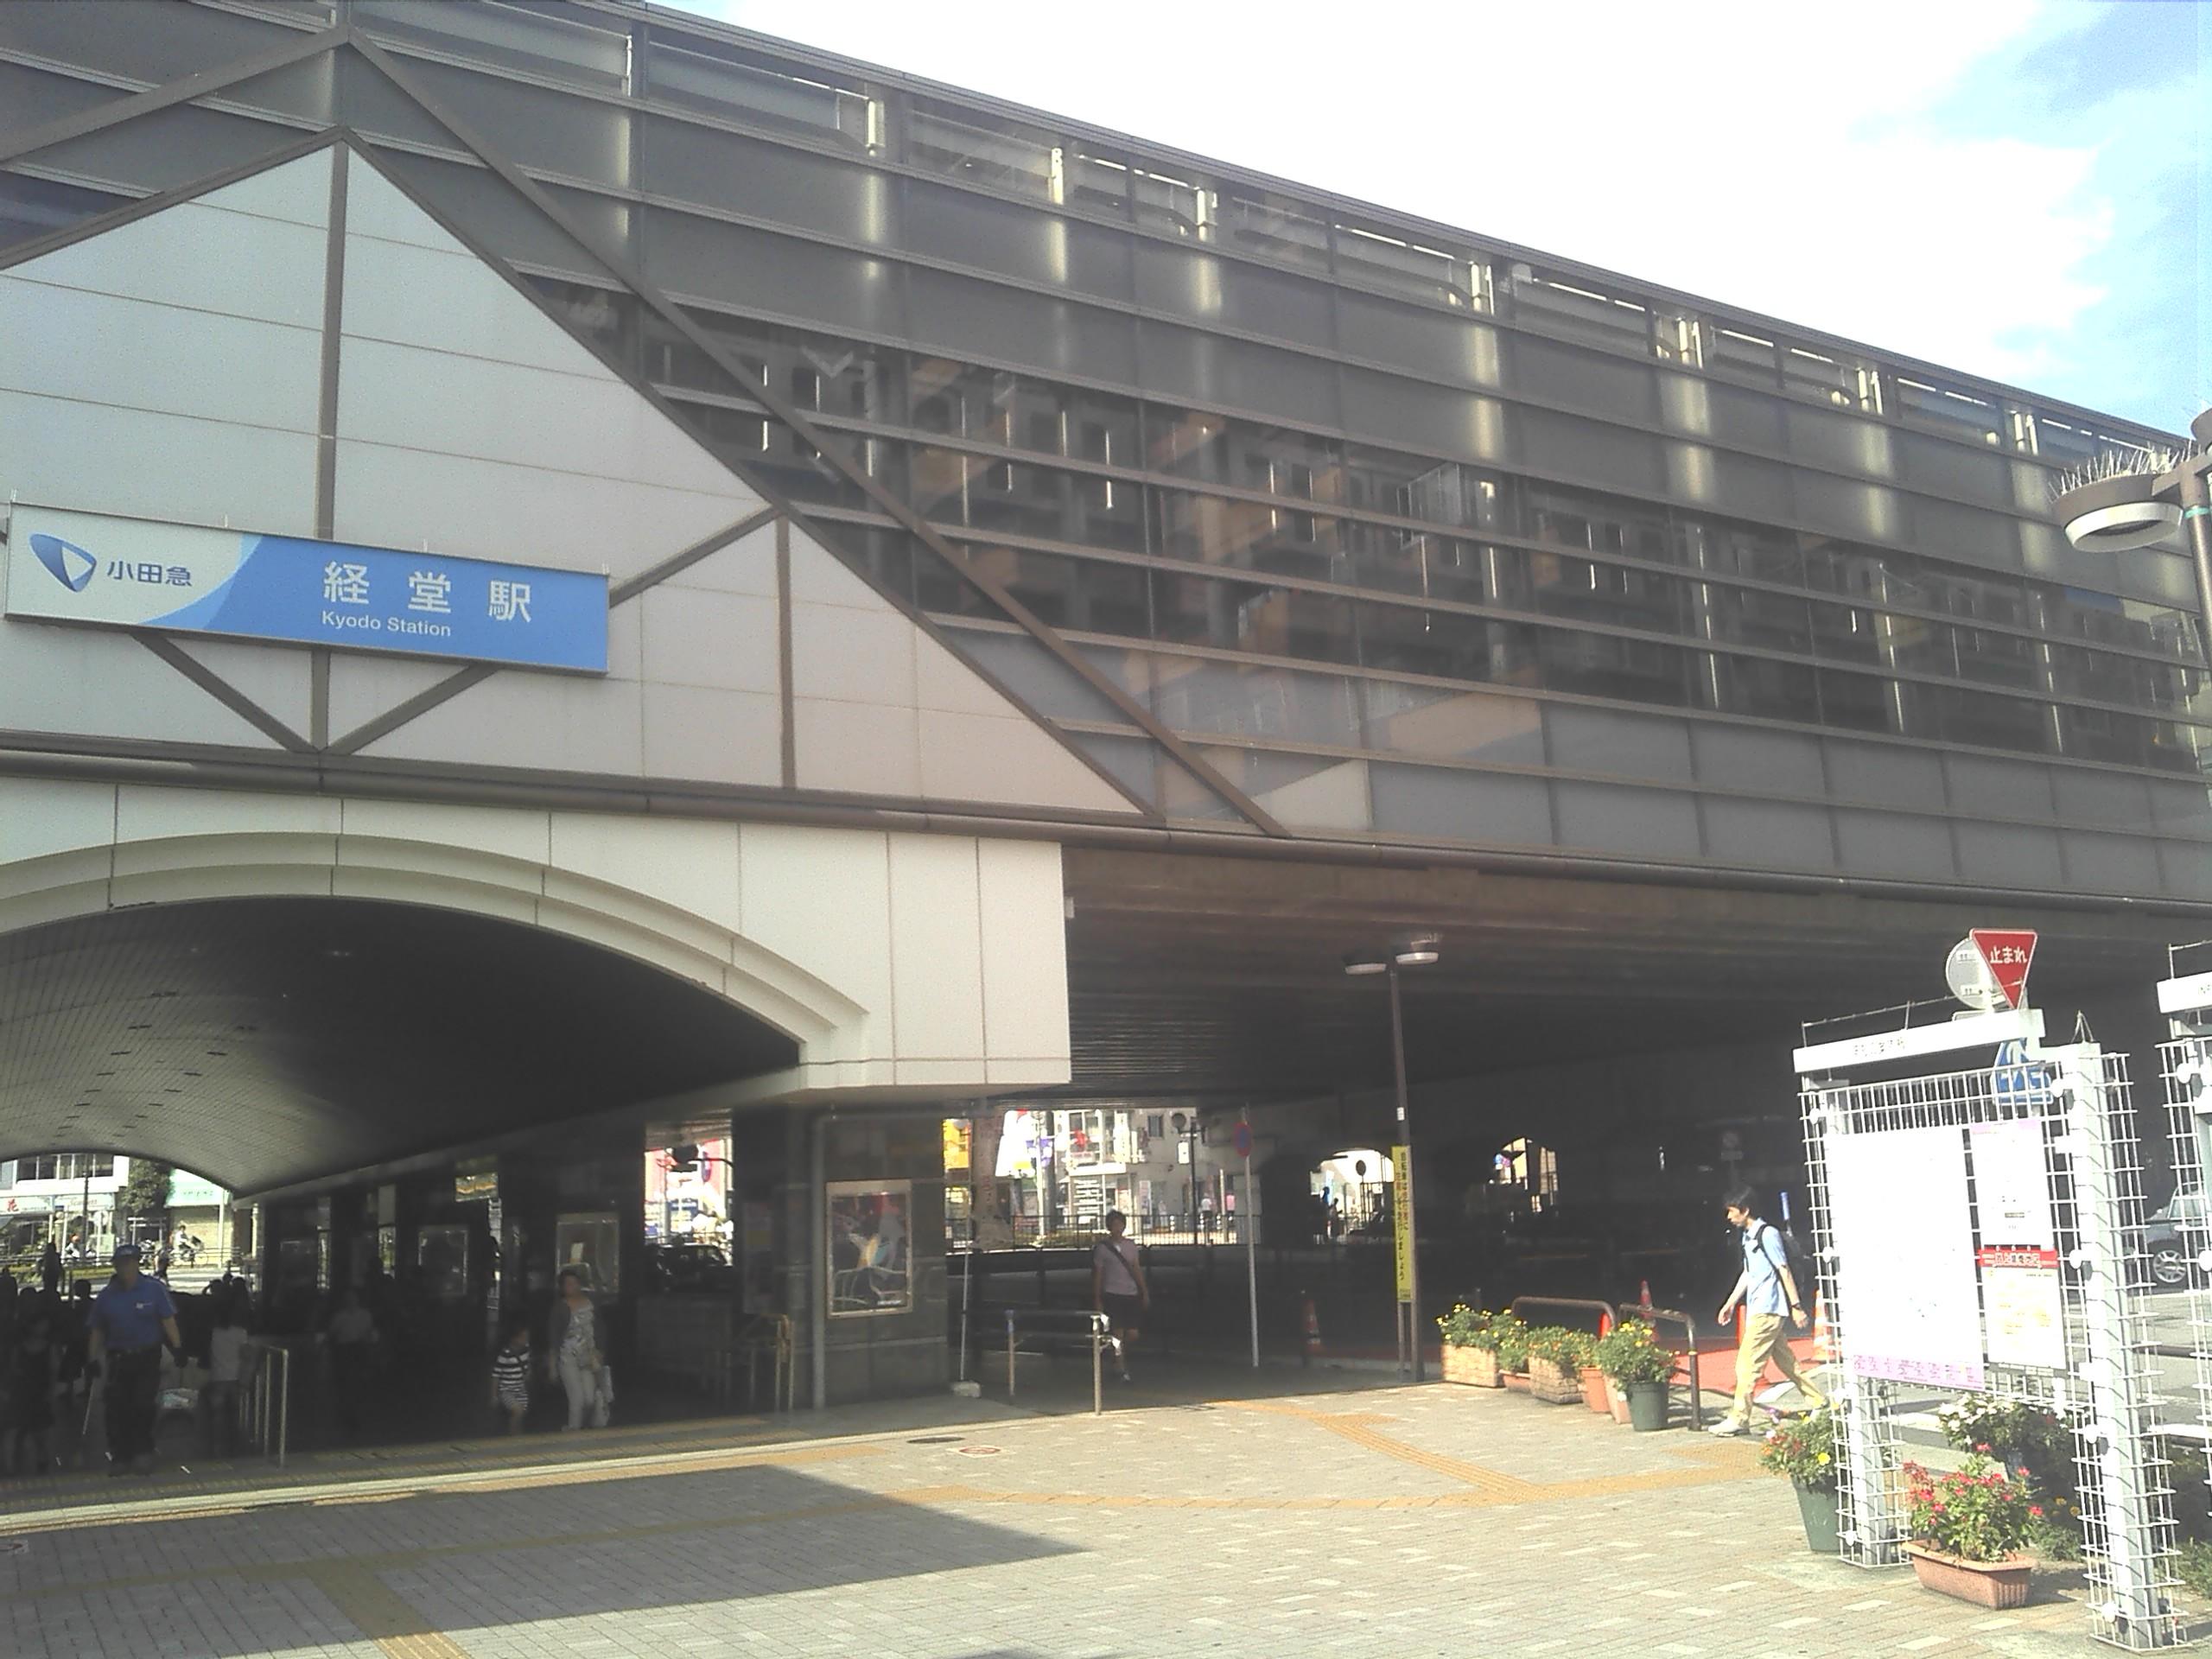 小田急線経堂駅南口